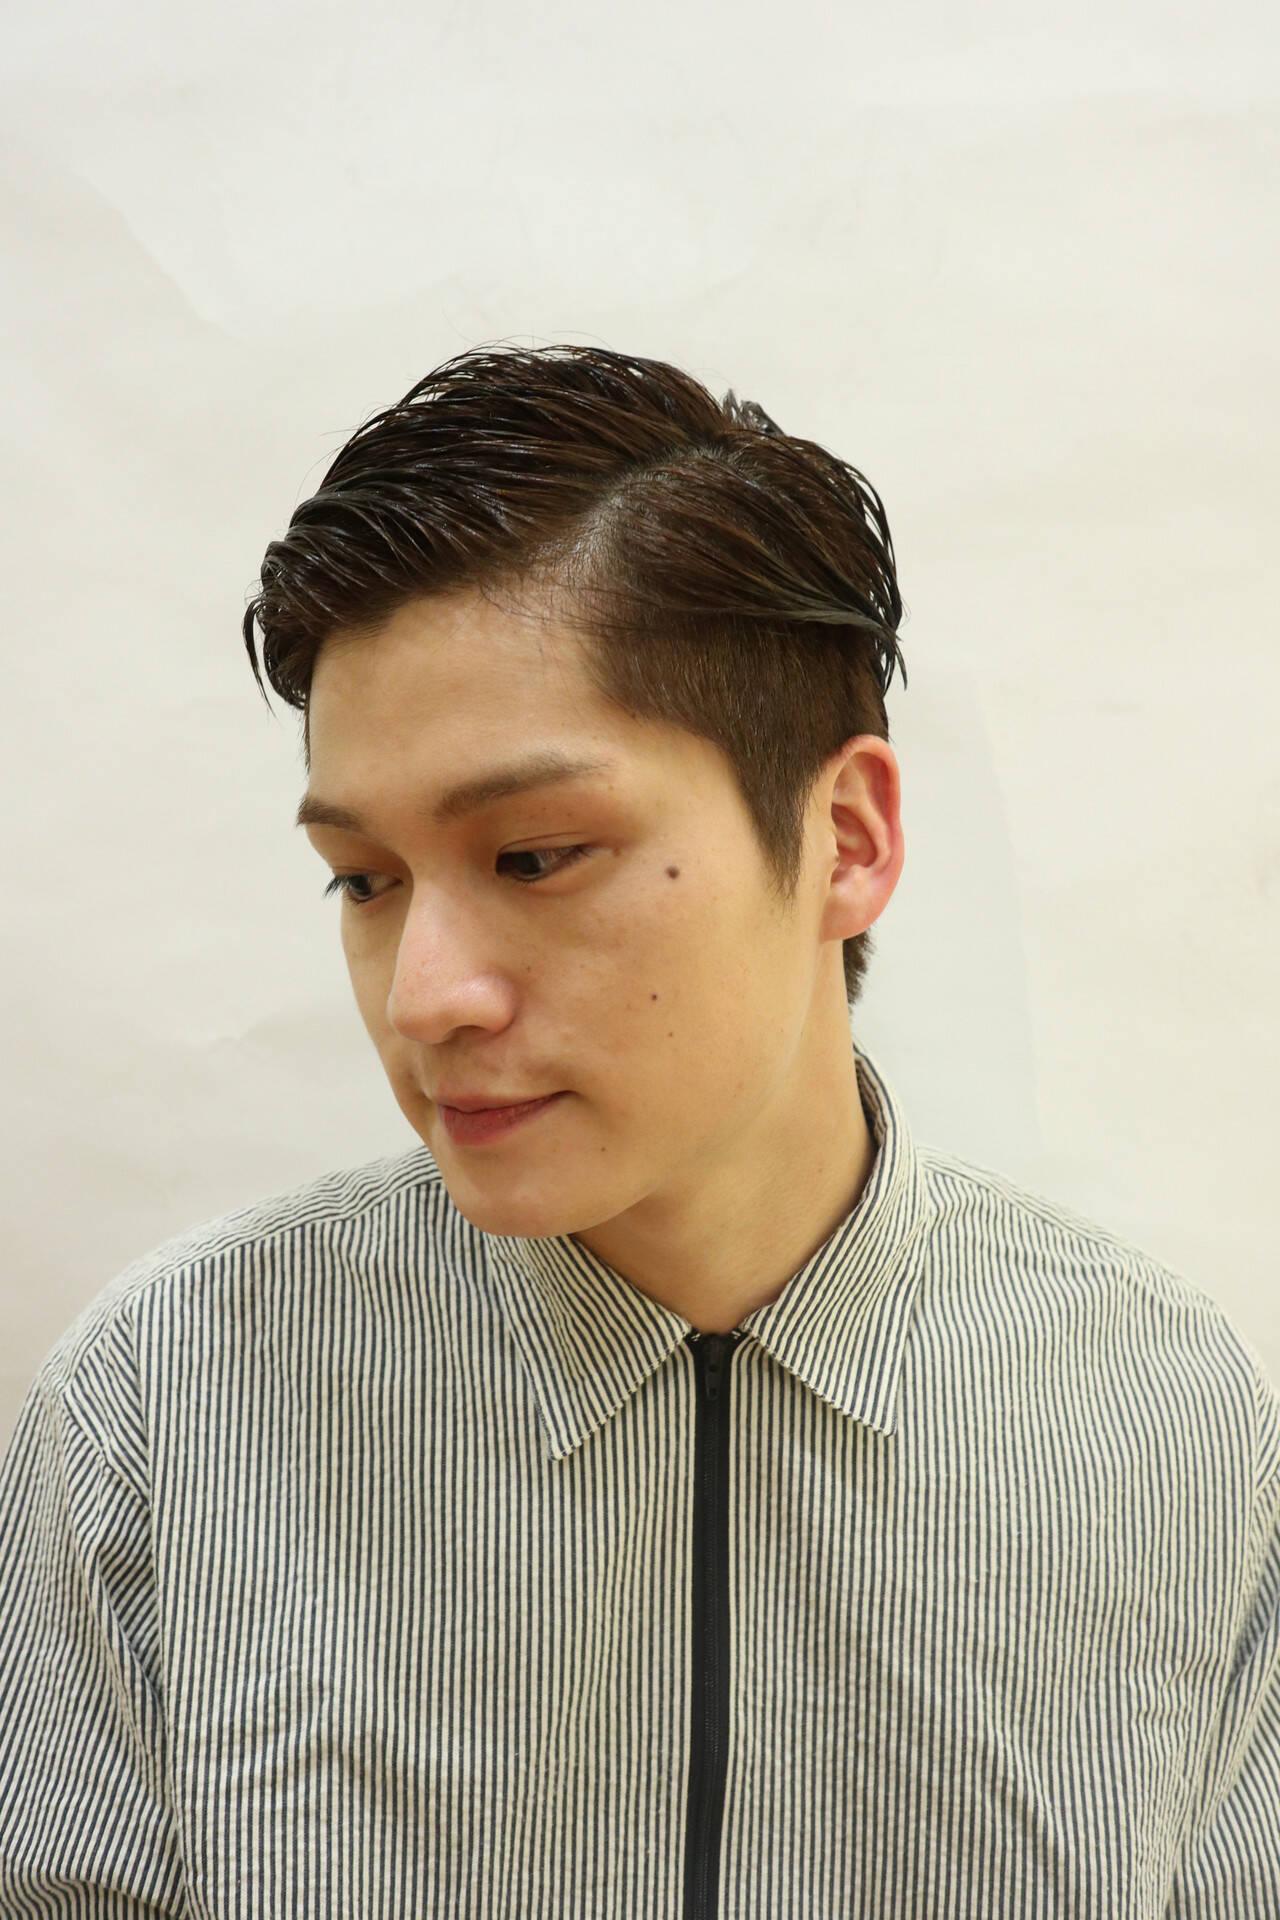 ナチュラル 刈り上げ ウェットヘア ショートヘアスタイルや髪型の写真・画像